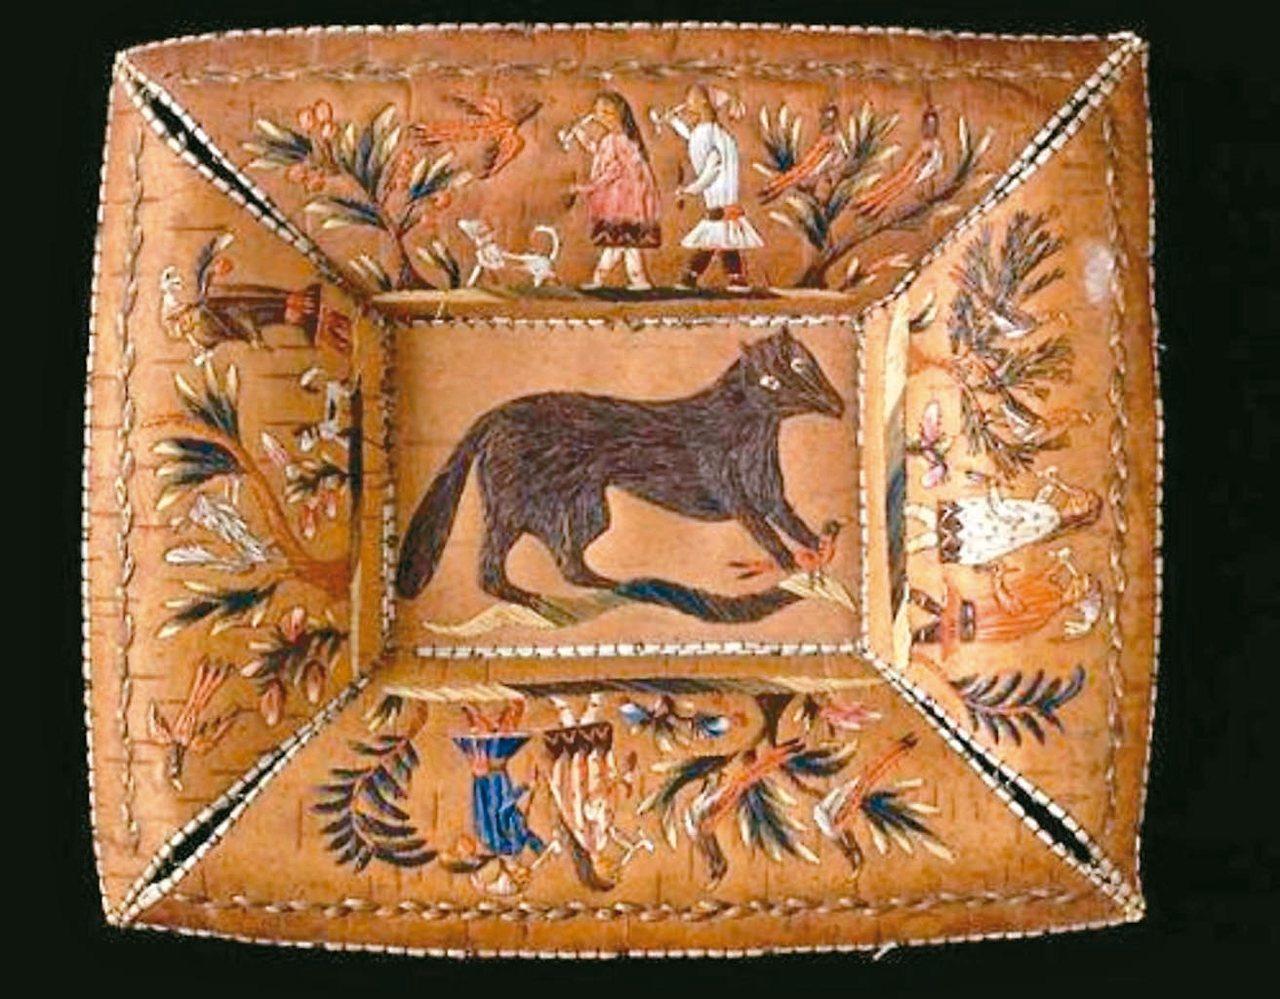 樺樹皮製作的工藝品。 (百度)